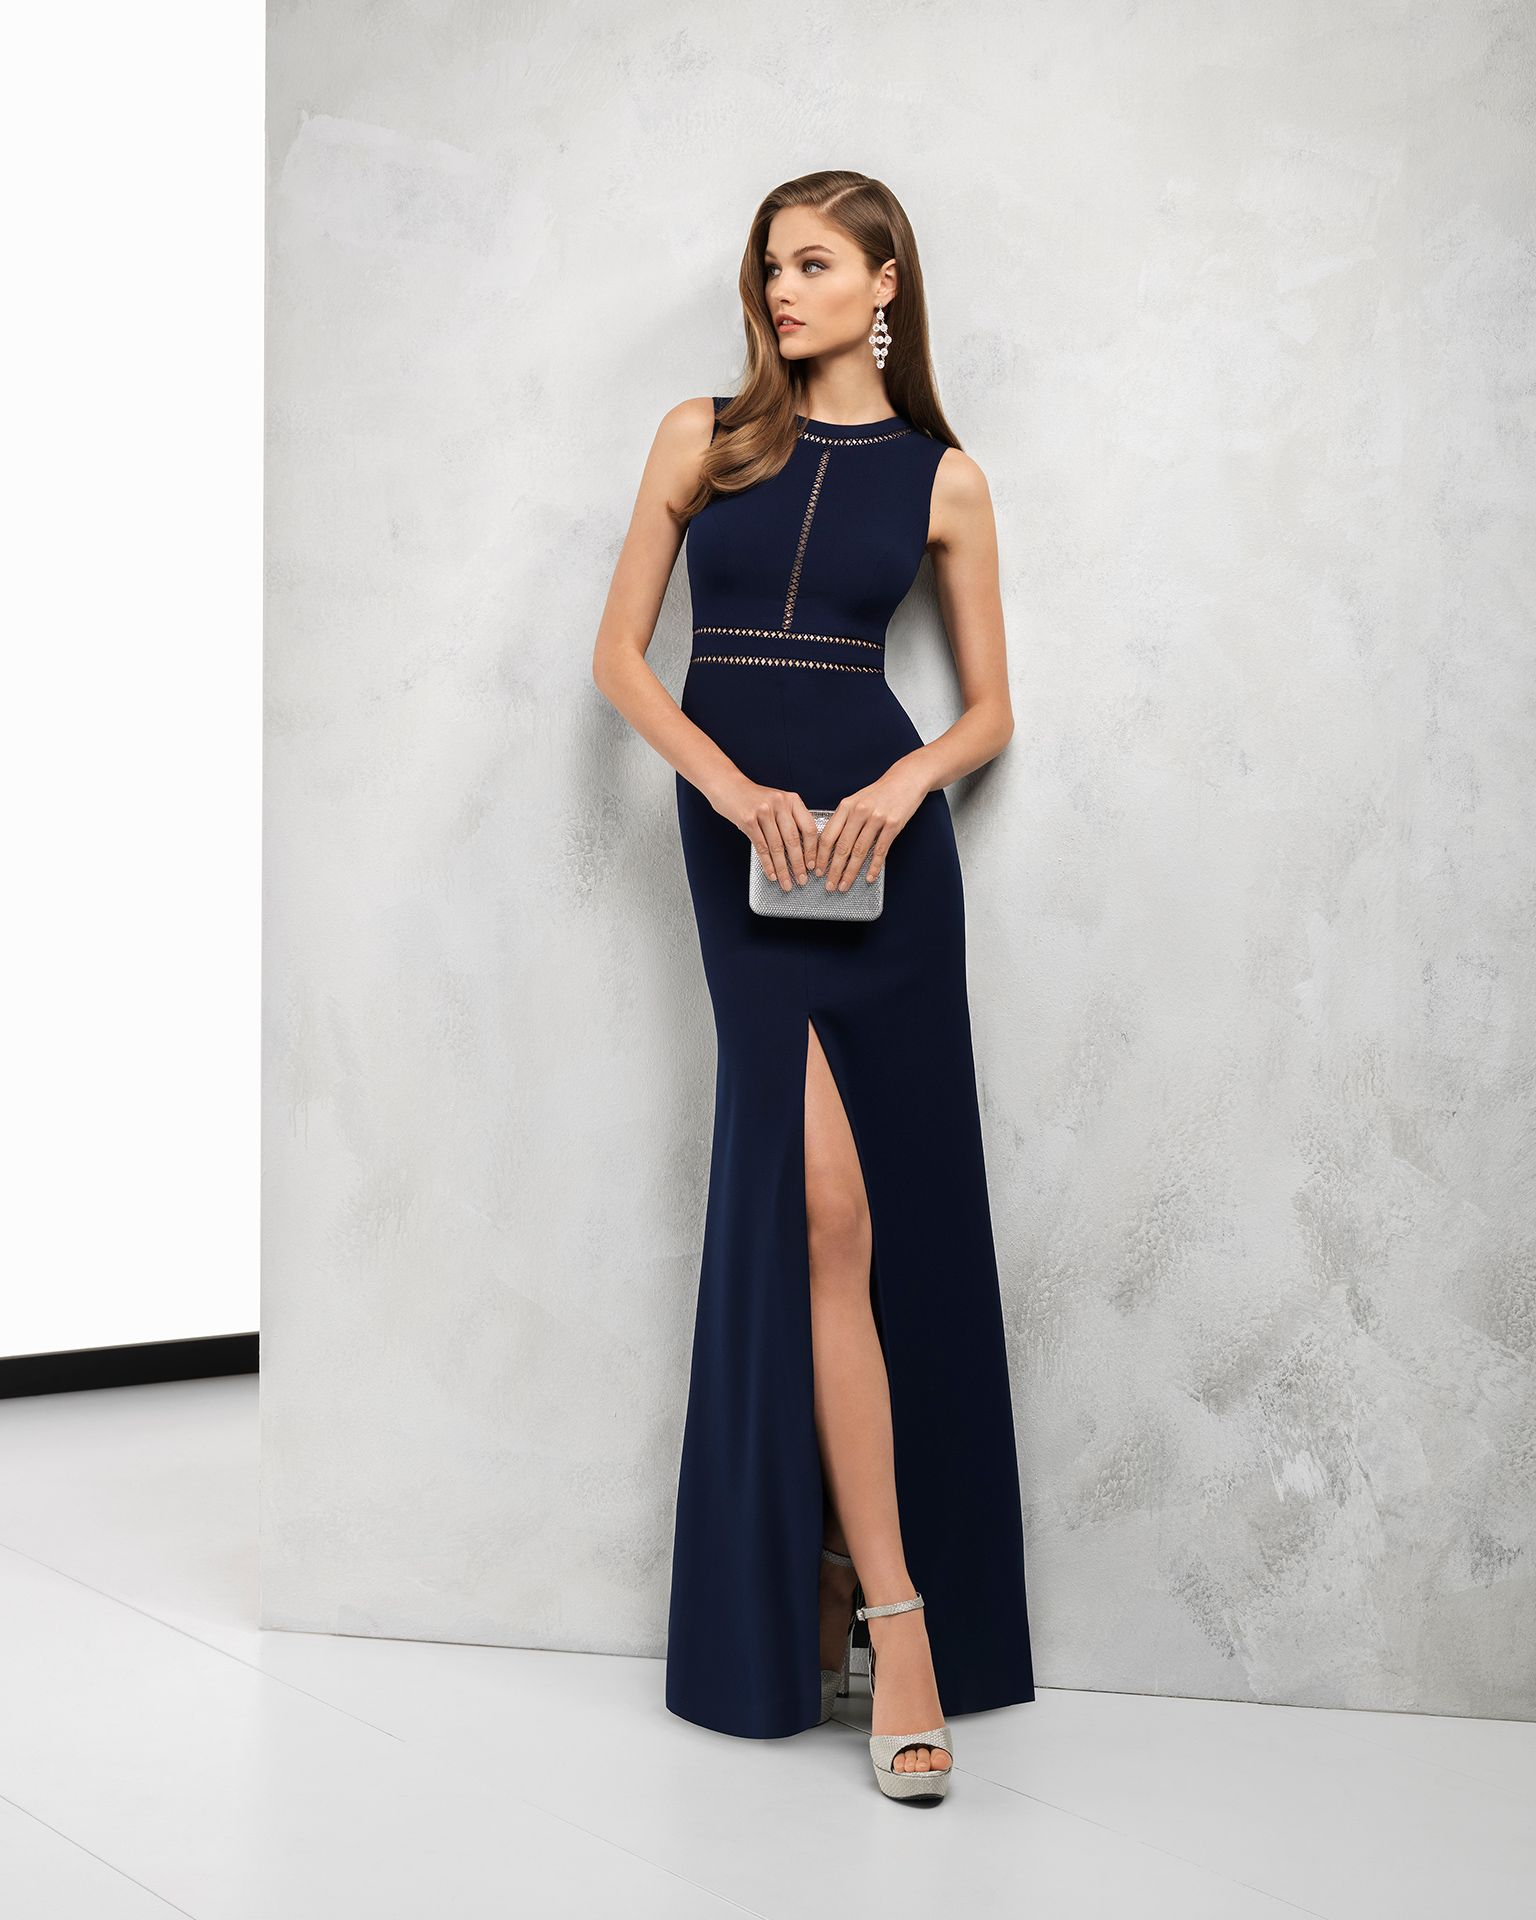 cf9c798116 Vestido de fiesta largo de crepe con apertura delantera en la falda.  Disponible en color marino